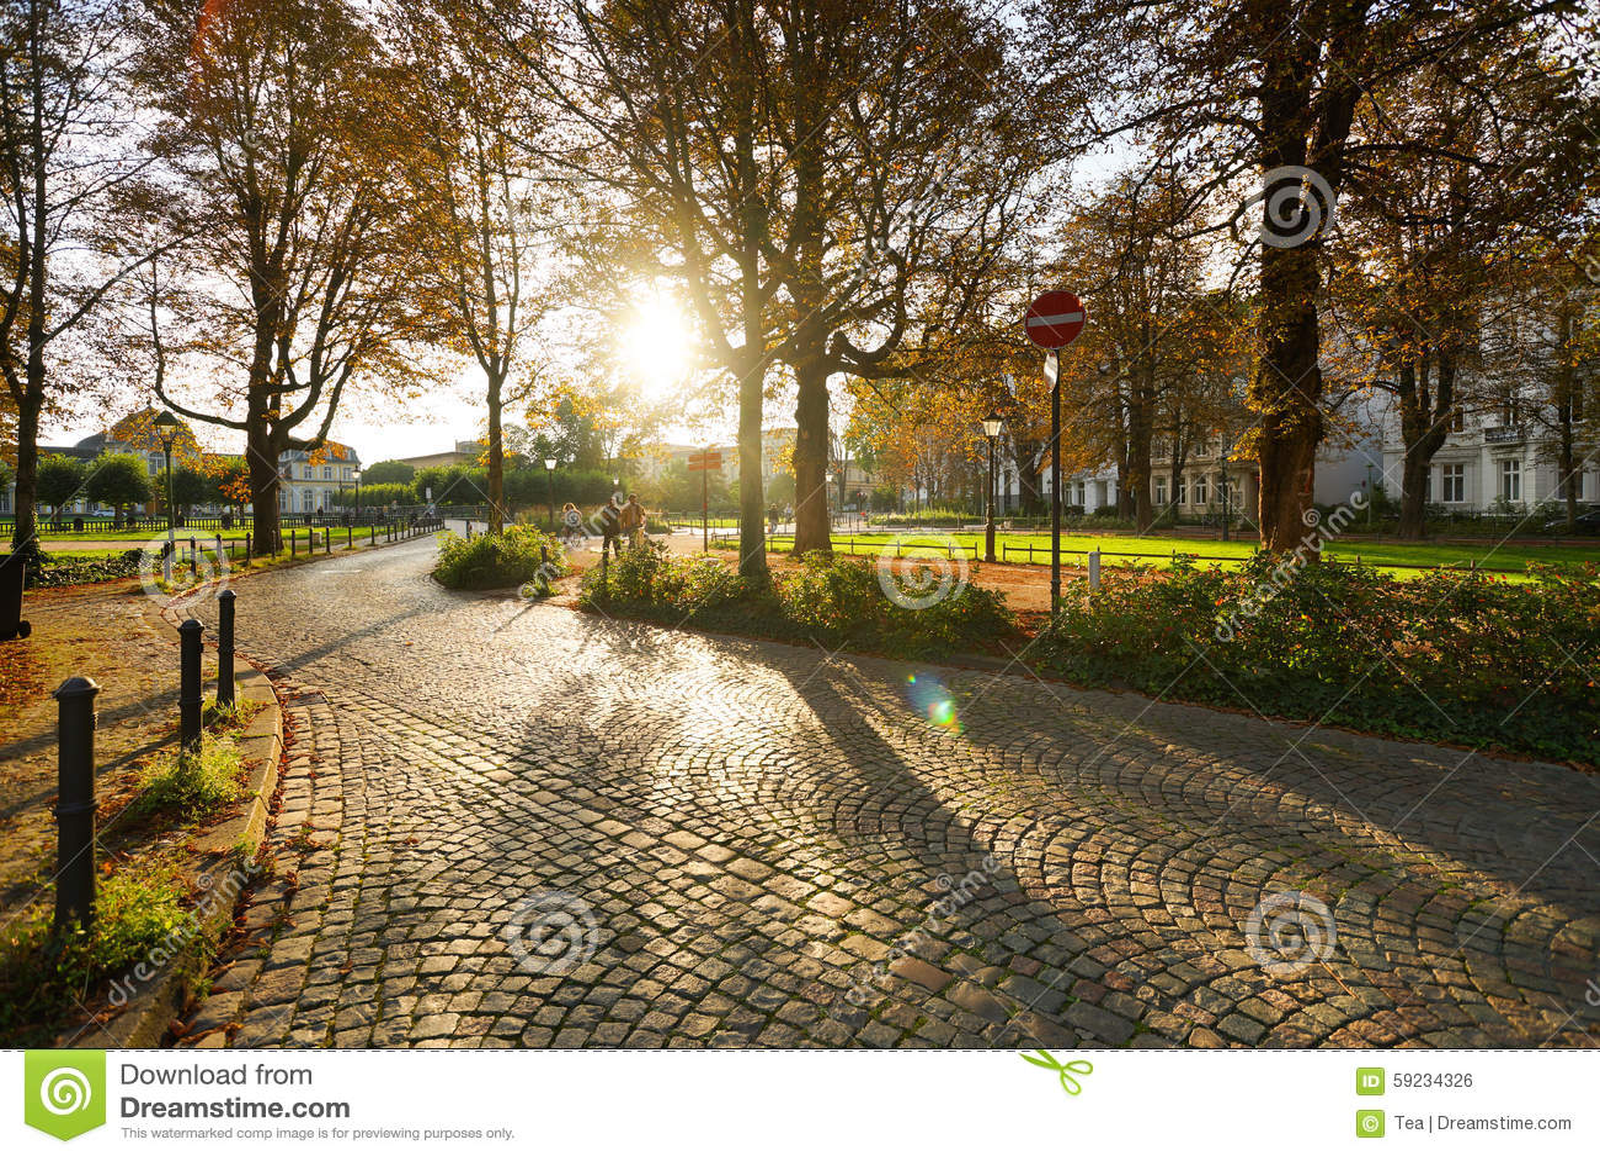 Download Paseo De La Gente En El Parque Foto editorial - Imagen de gente, belleza: 59234326